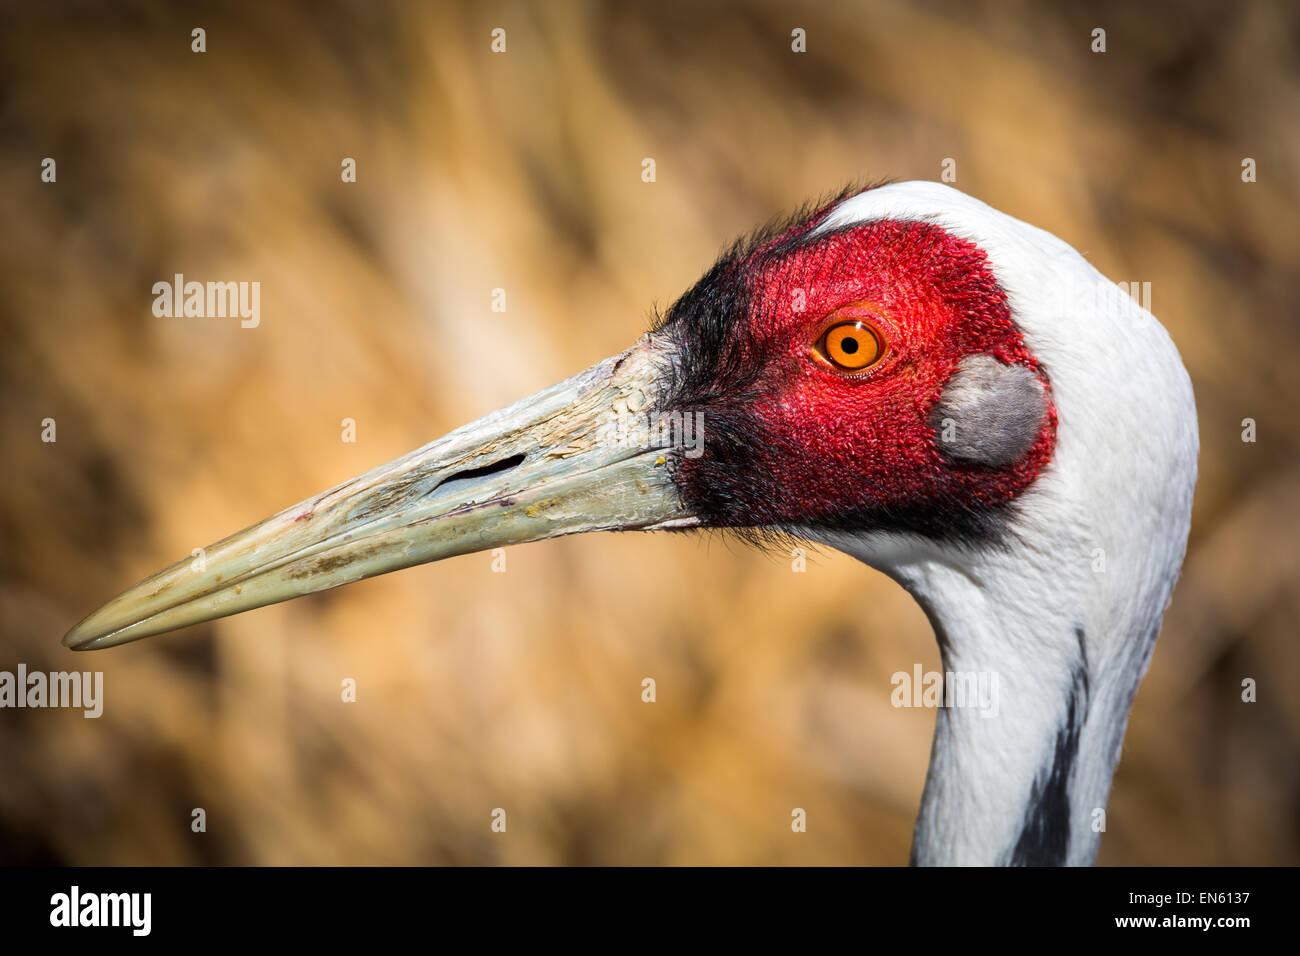 Ritratto di Sarus maschio gru. La Gru Sarus (Grus antigone) è il più alto volo di uccelli. Immagini Stock